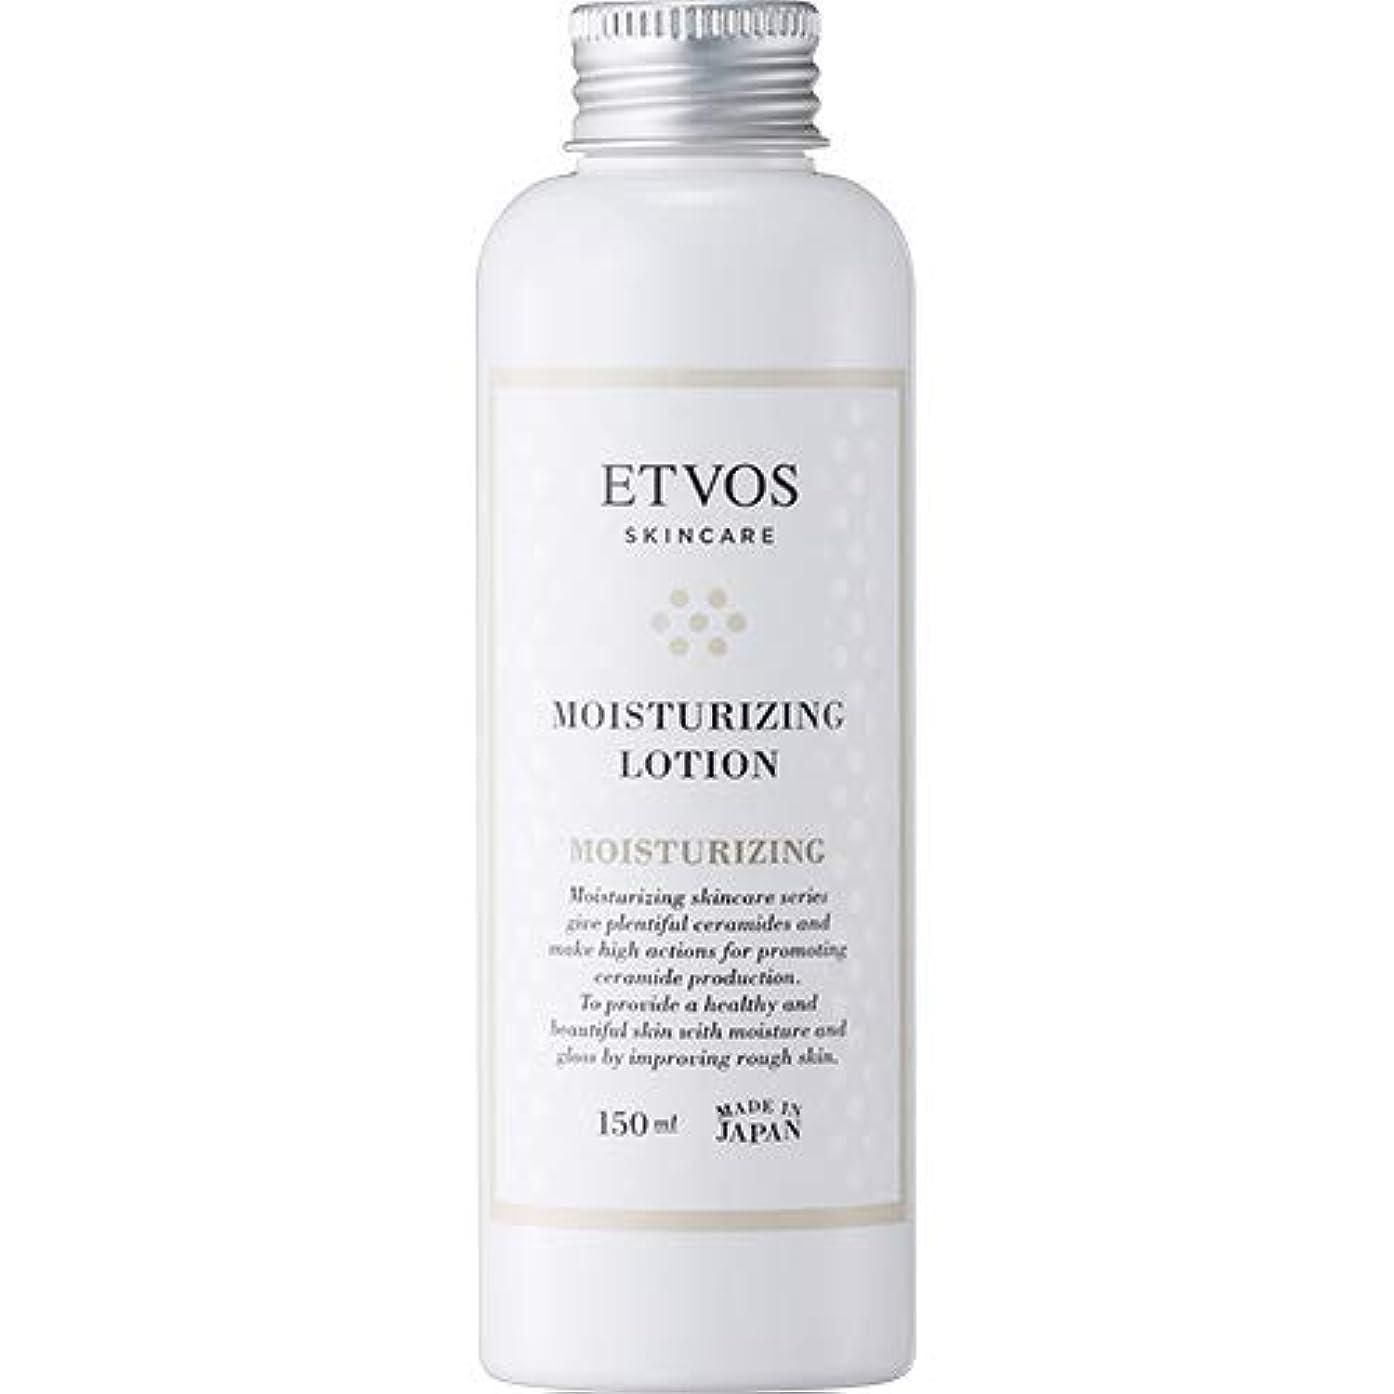 しないでくださいペルーたくさんのETVOS(エトヴォス) 保湿化粧水 モイスチャライジングローション 150ml セラミド 乾燥肌 パラベンフリー